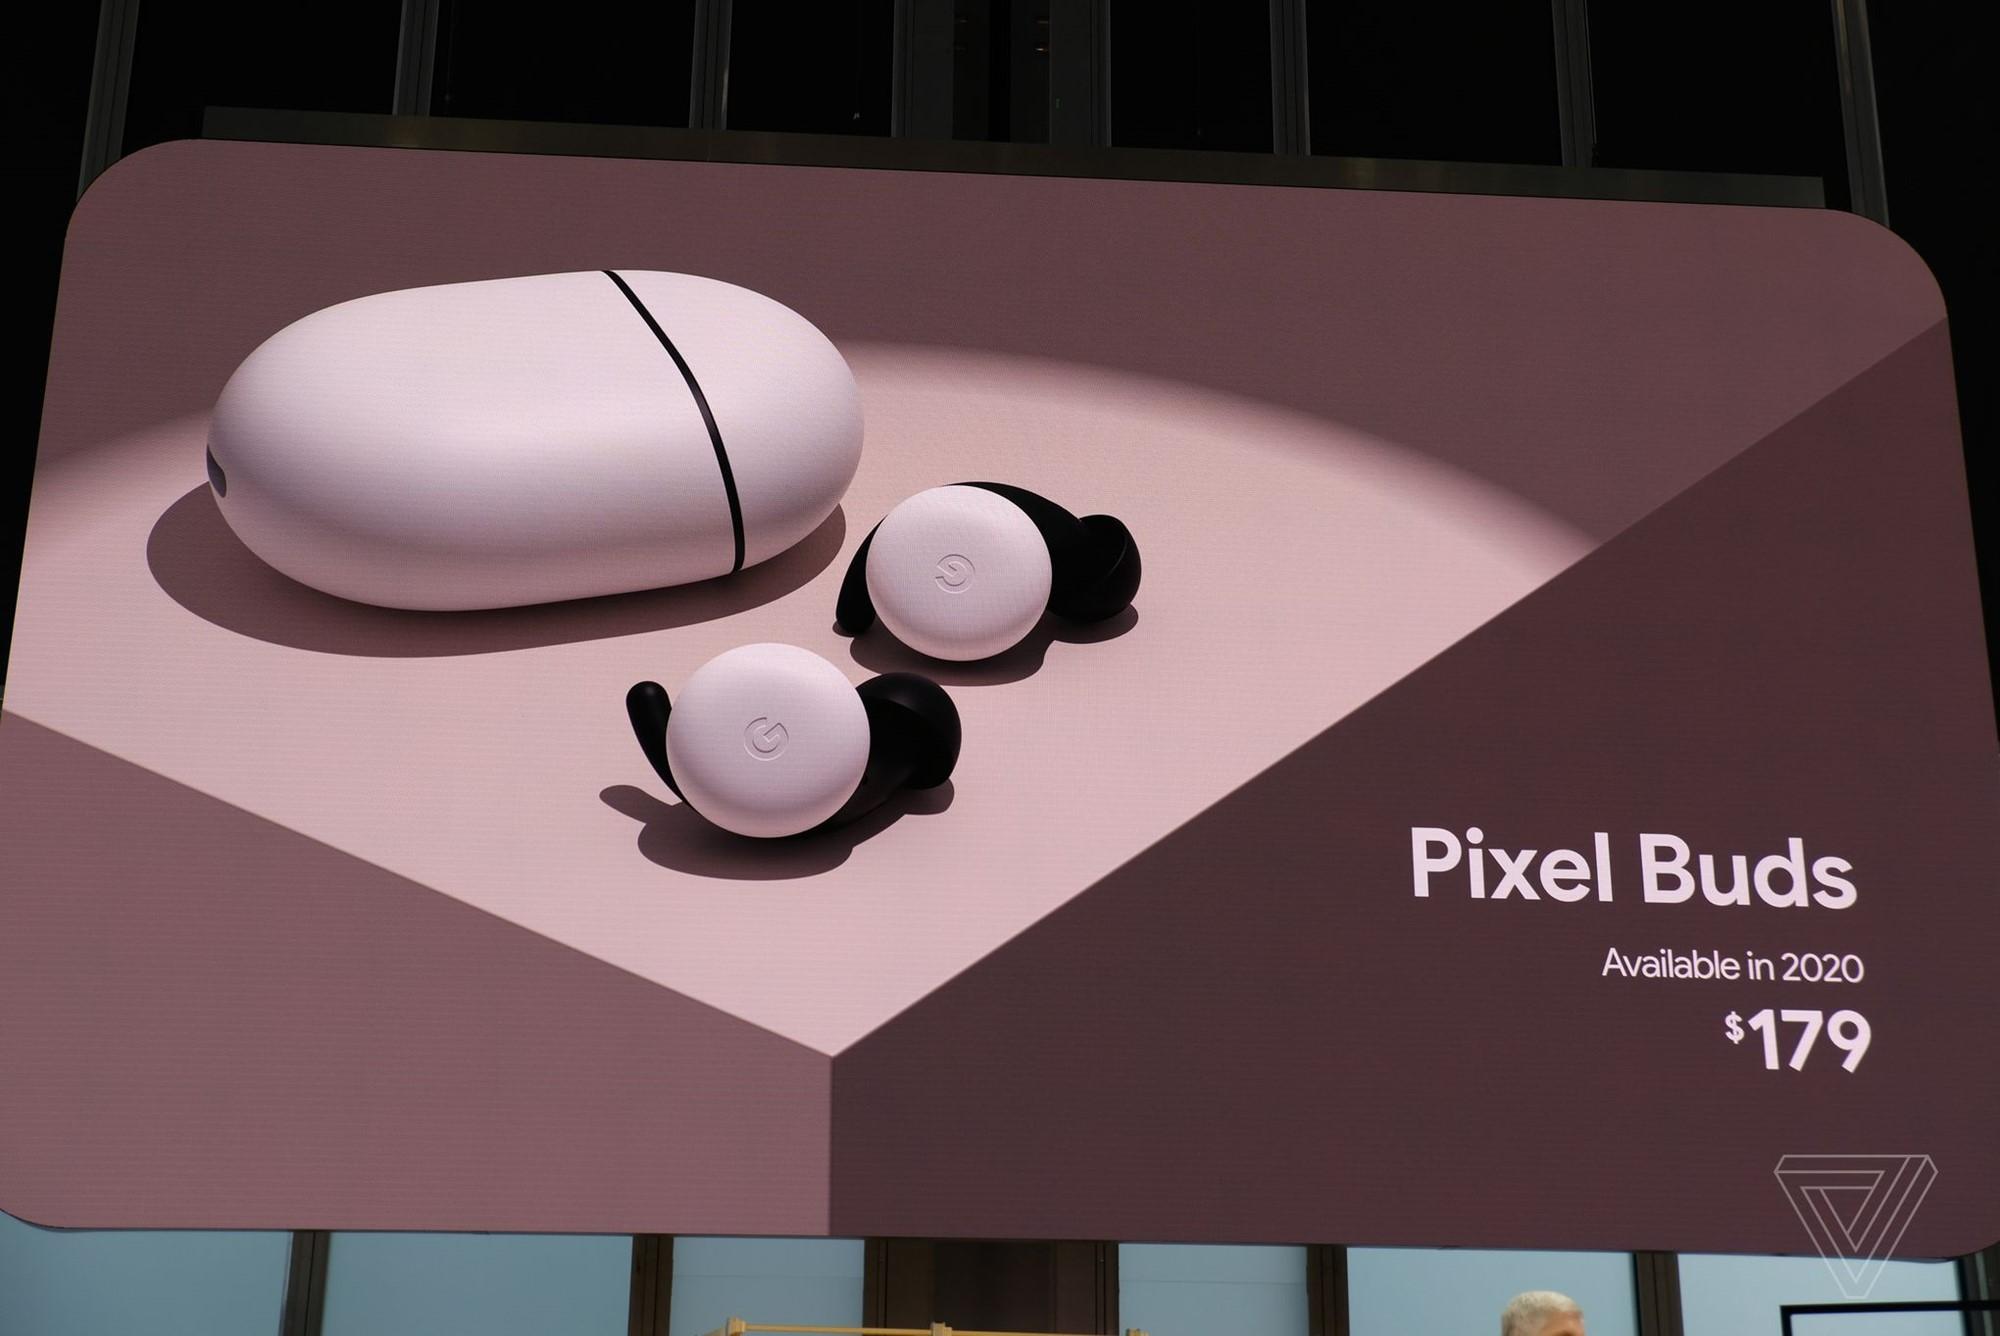 Google ra mắt tai nghe True wireless Pixel Buds 2: Hỗ trợ Google Assistant, tầm kết nối xa, pin 5 tiếng, giá 4.1 triệu đồng